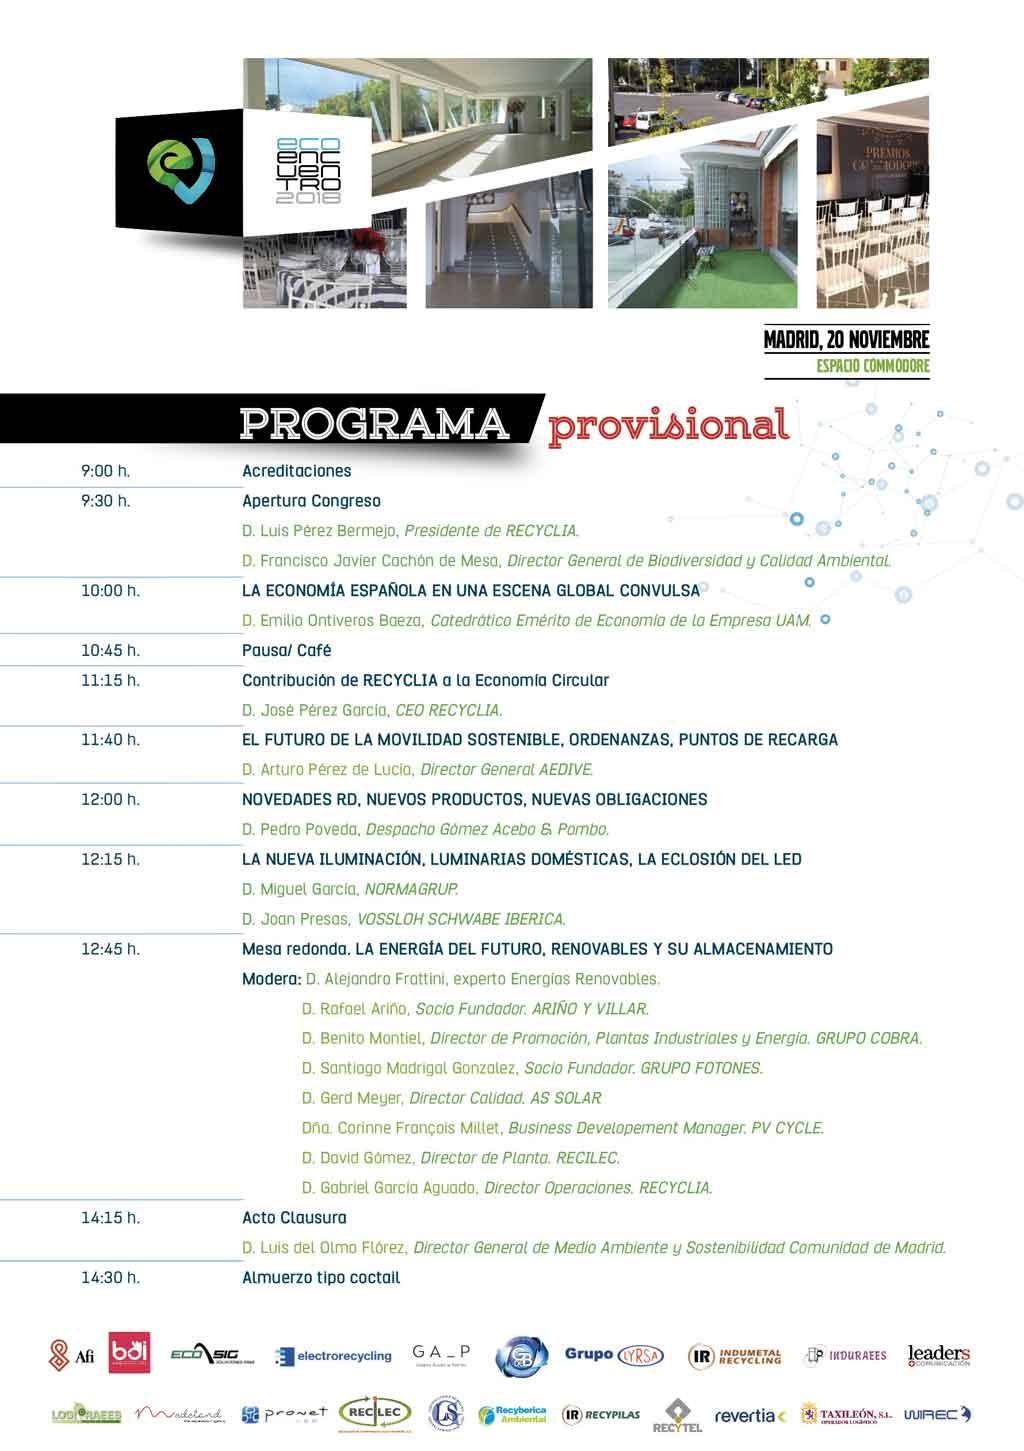 Programa del EcoEncuentro 2018 de Recyclia